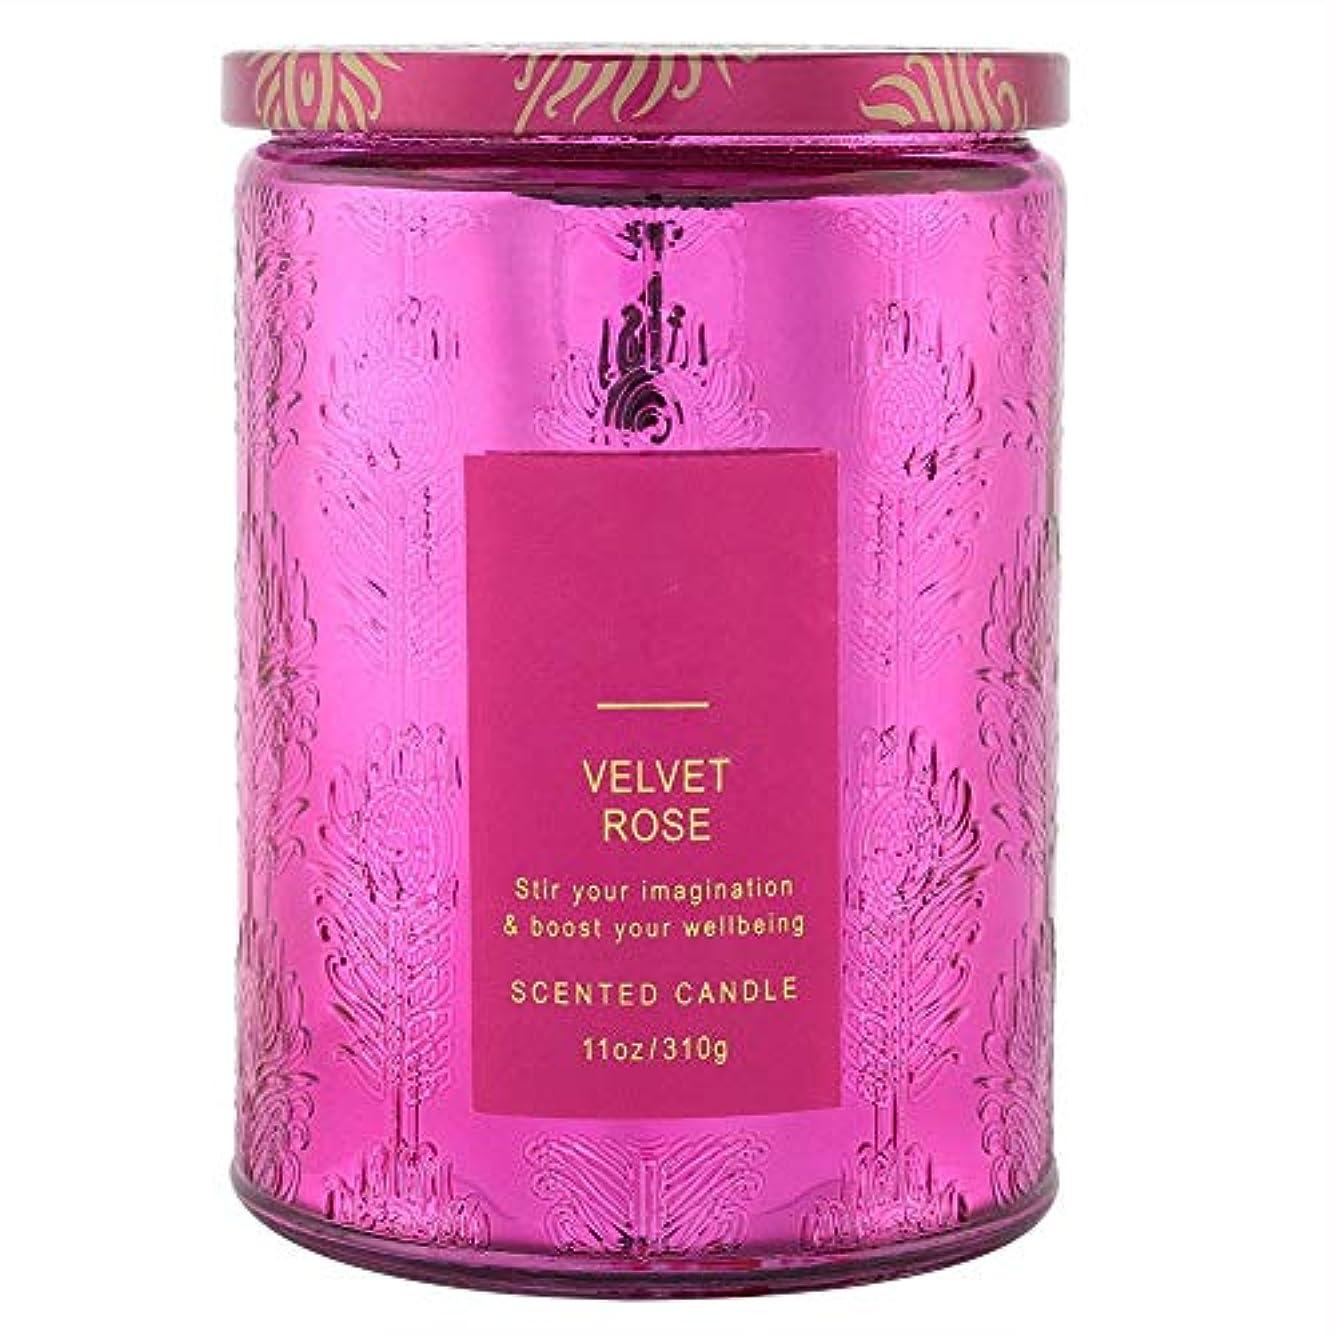 同封する練る引き出す繊細な香りのキャンドル、透明なガラス瓶入りの甘い花の長続きするフレグランスワックス